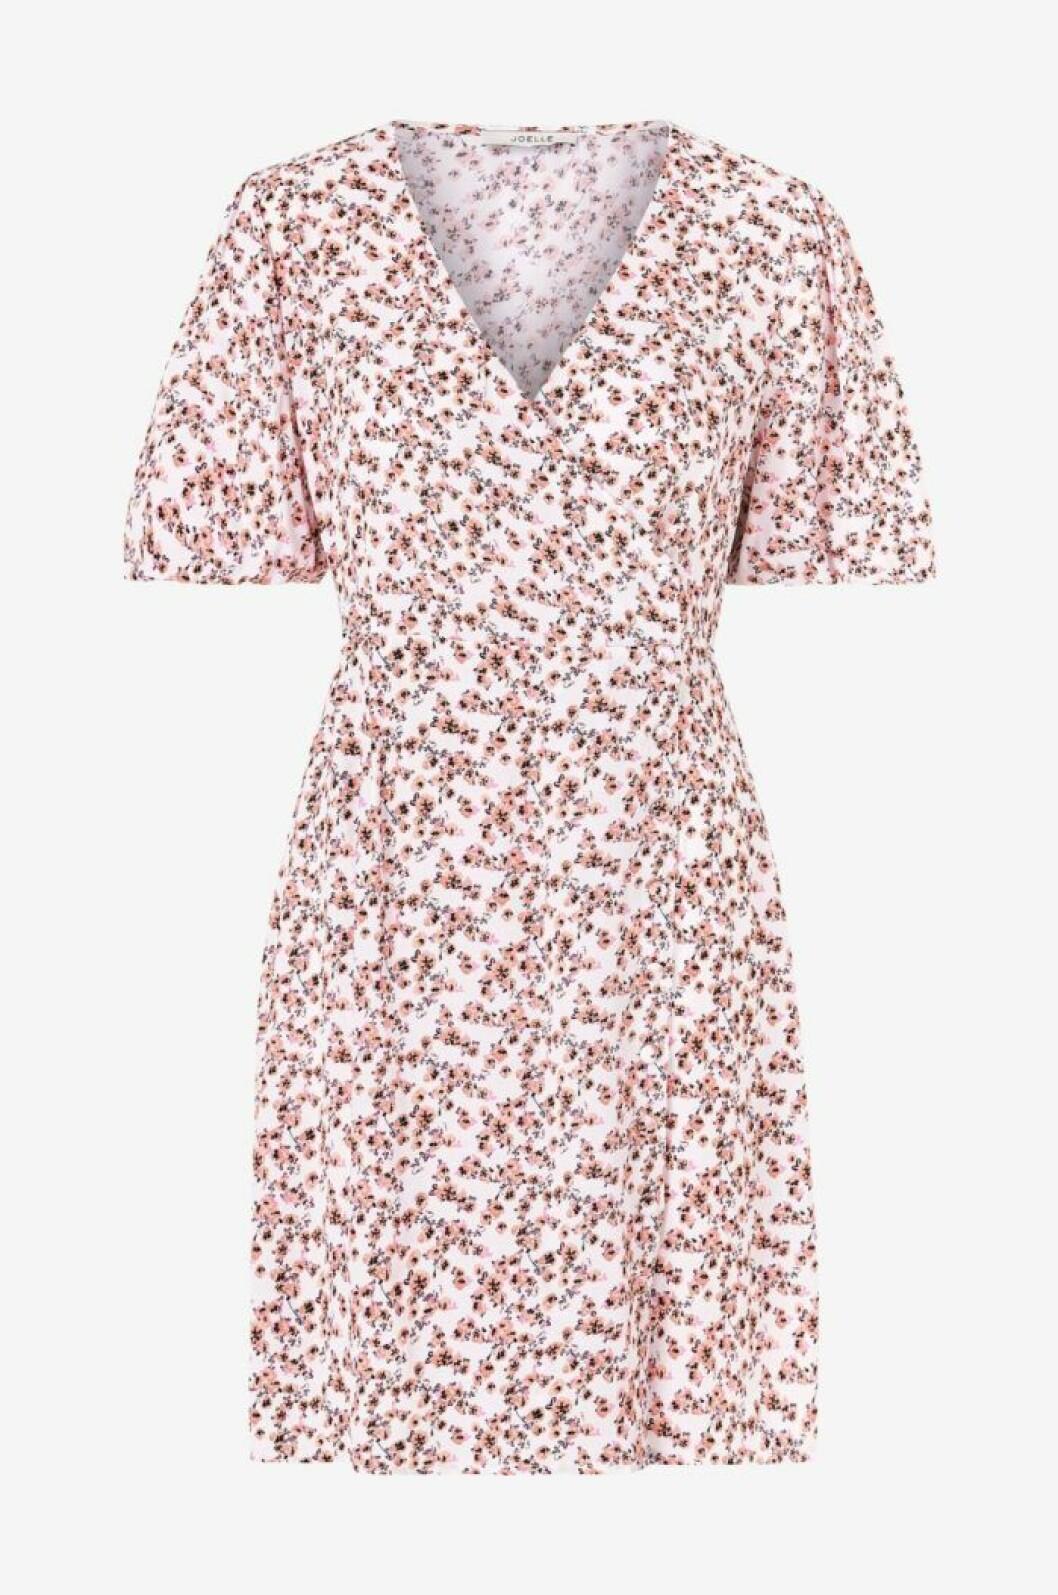 Småblommig klänning med kort ärm till midsommar 2020